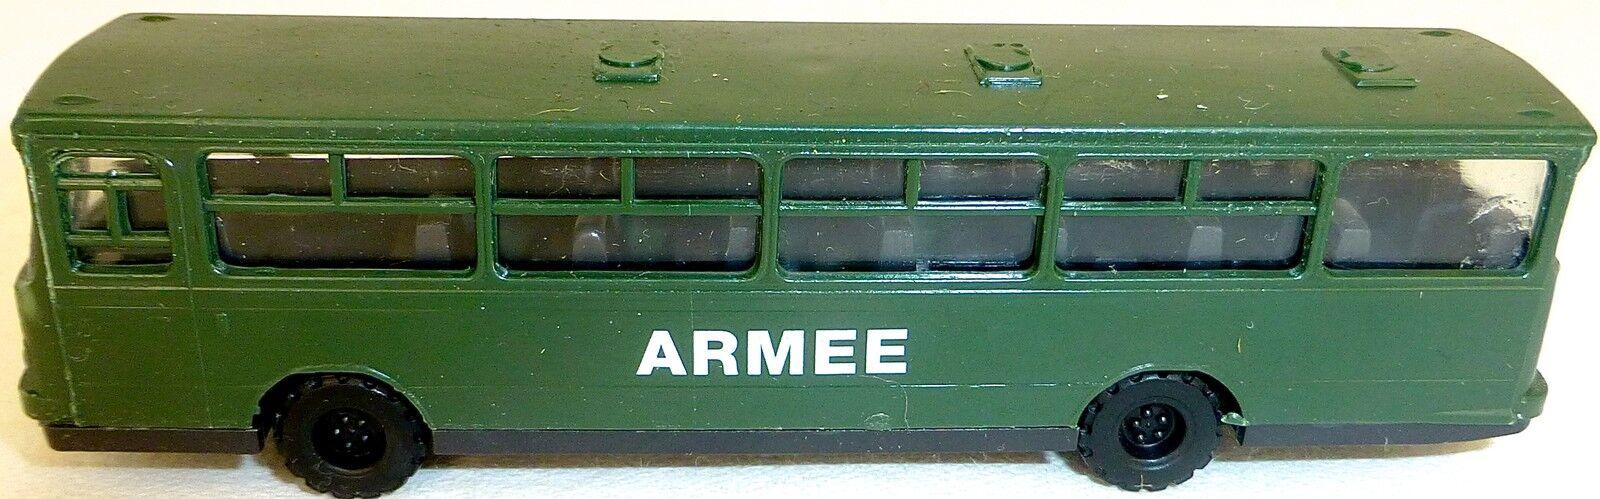 Armee Bus in Armeegreen Ikarus Bus Bus Bus TT 1 120  Hn5 Å 5492b4